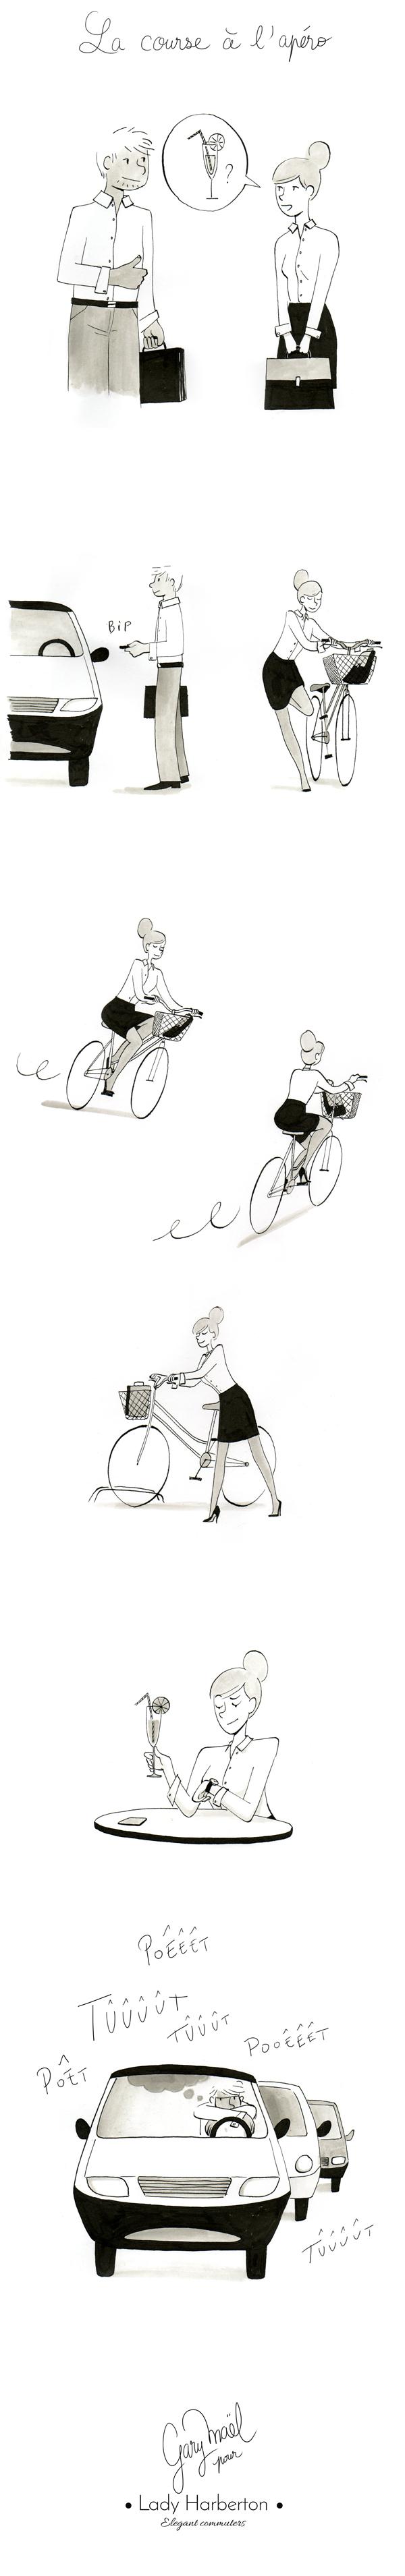 dessin de la course à l'apéro entre une voiture et un vélo par Gary Maël pour Lady Harberton